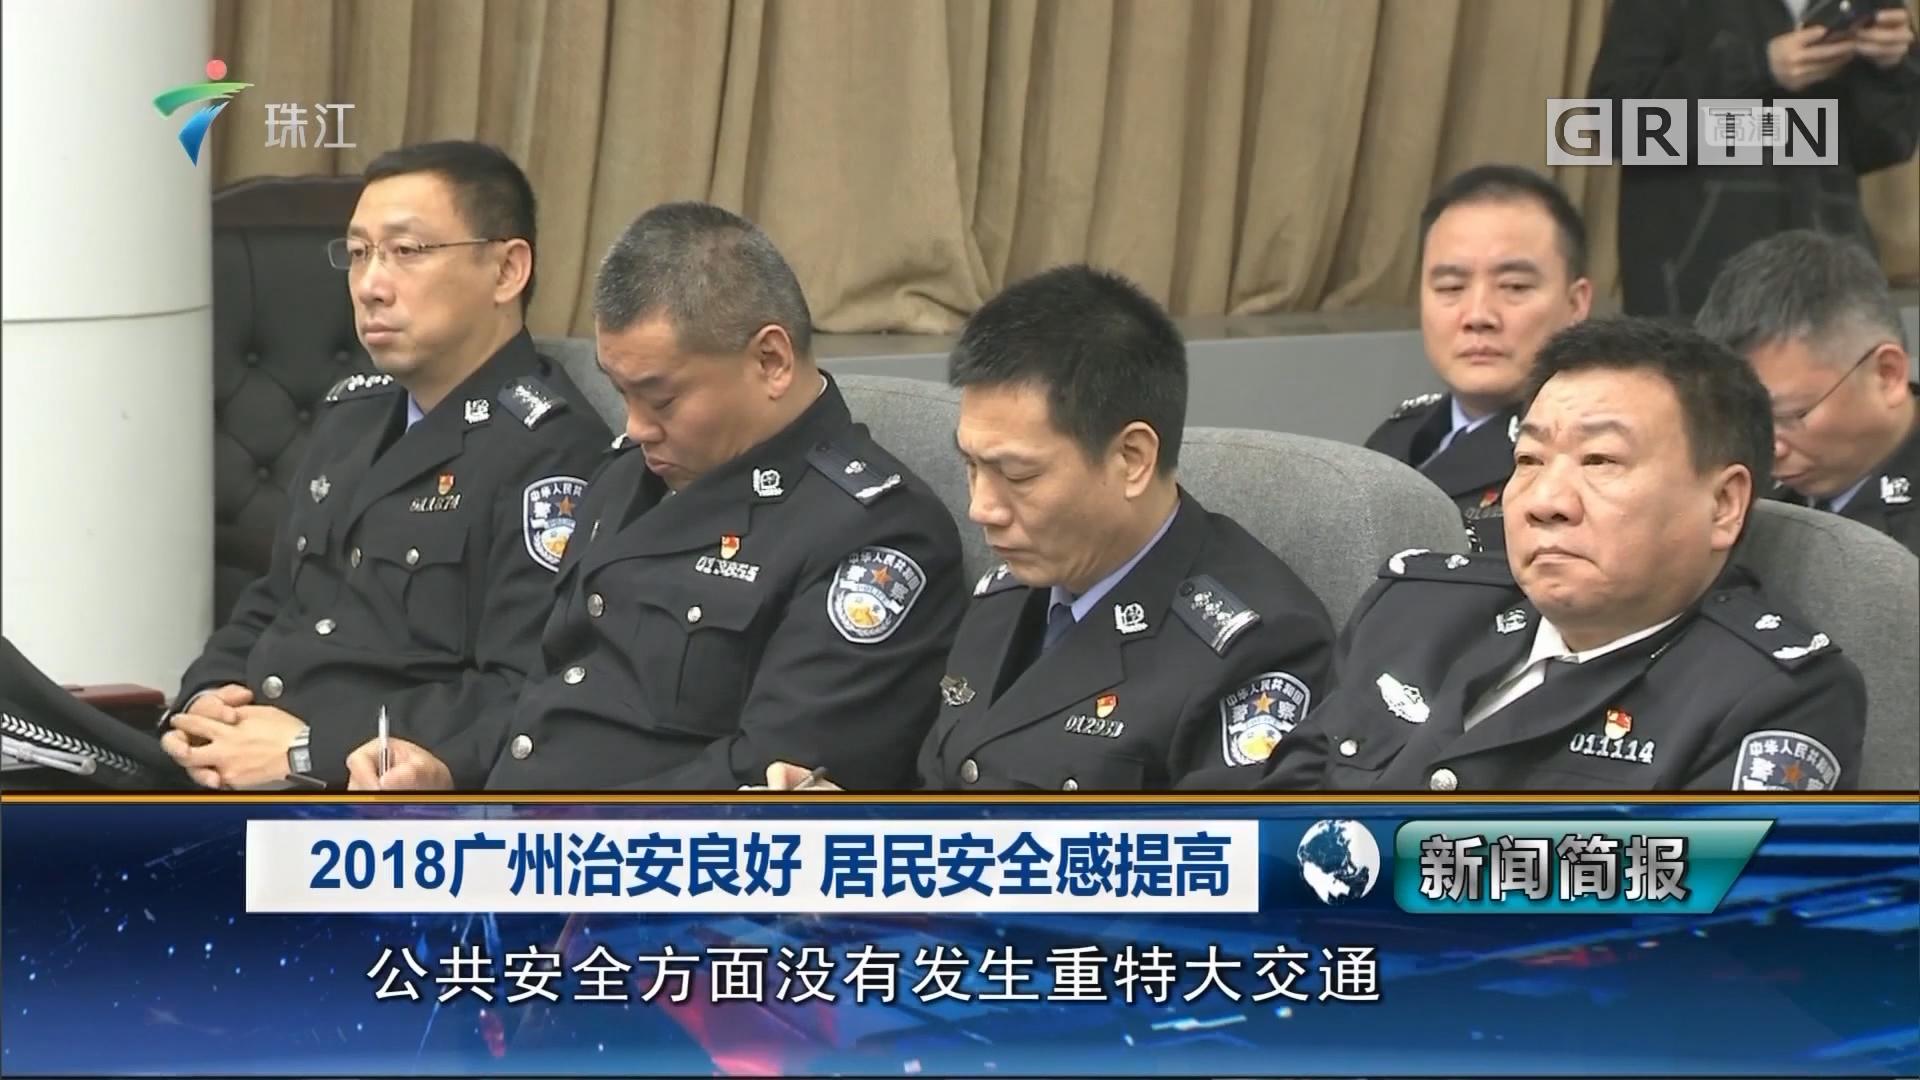 2018广州治安良好 居民安全感提高